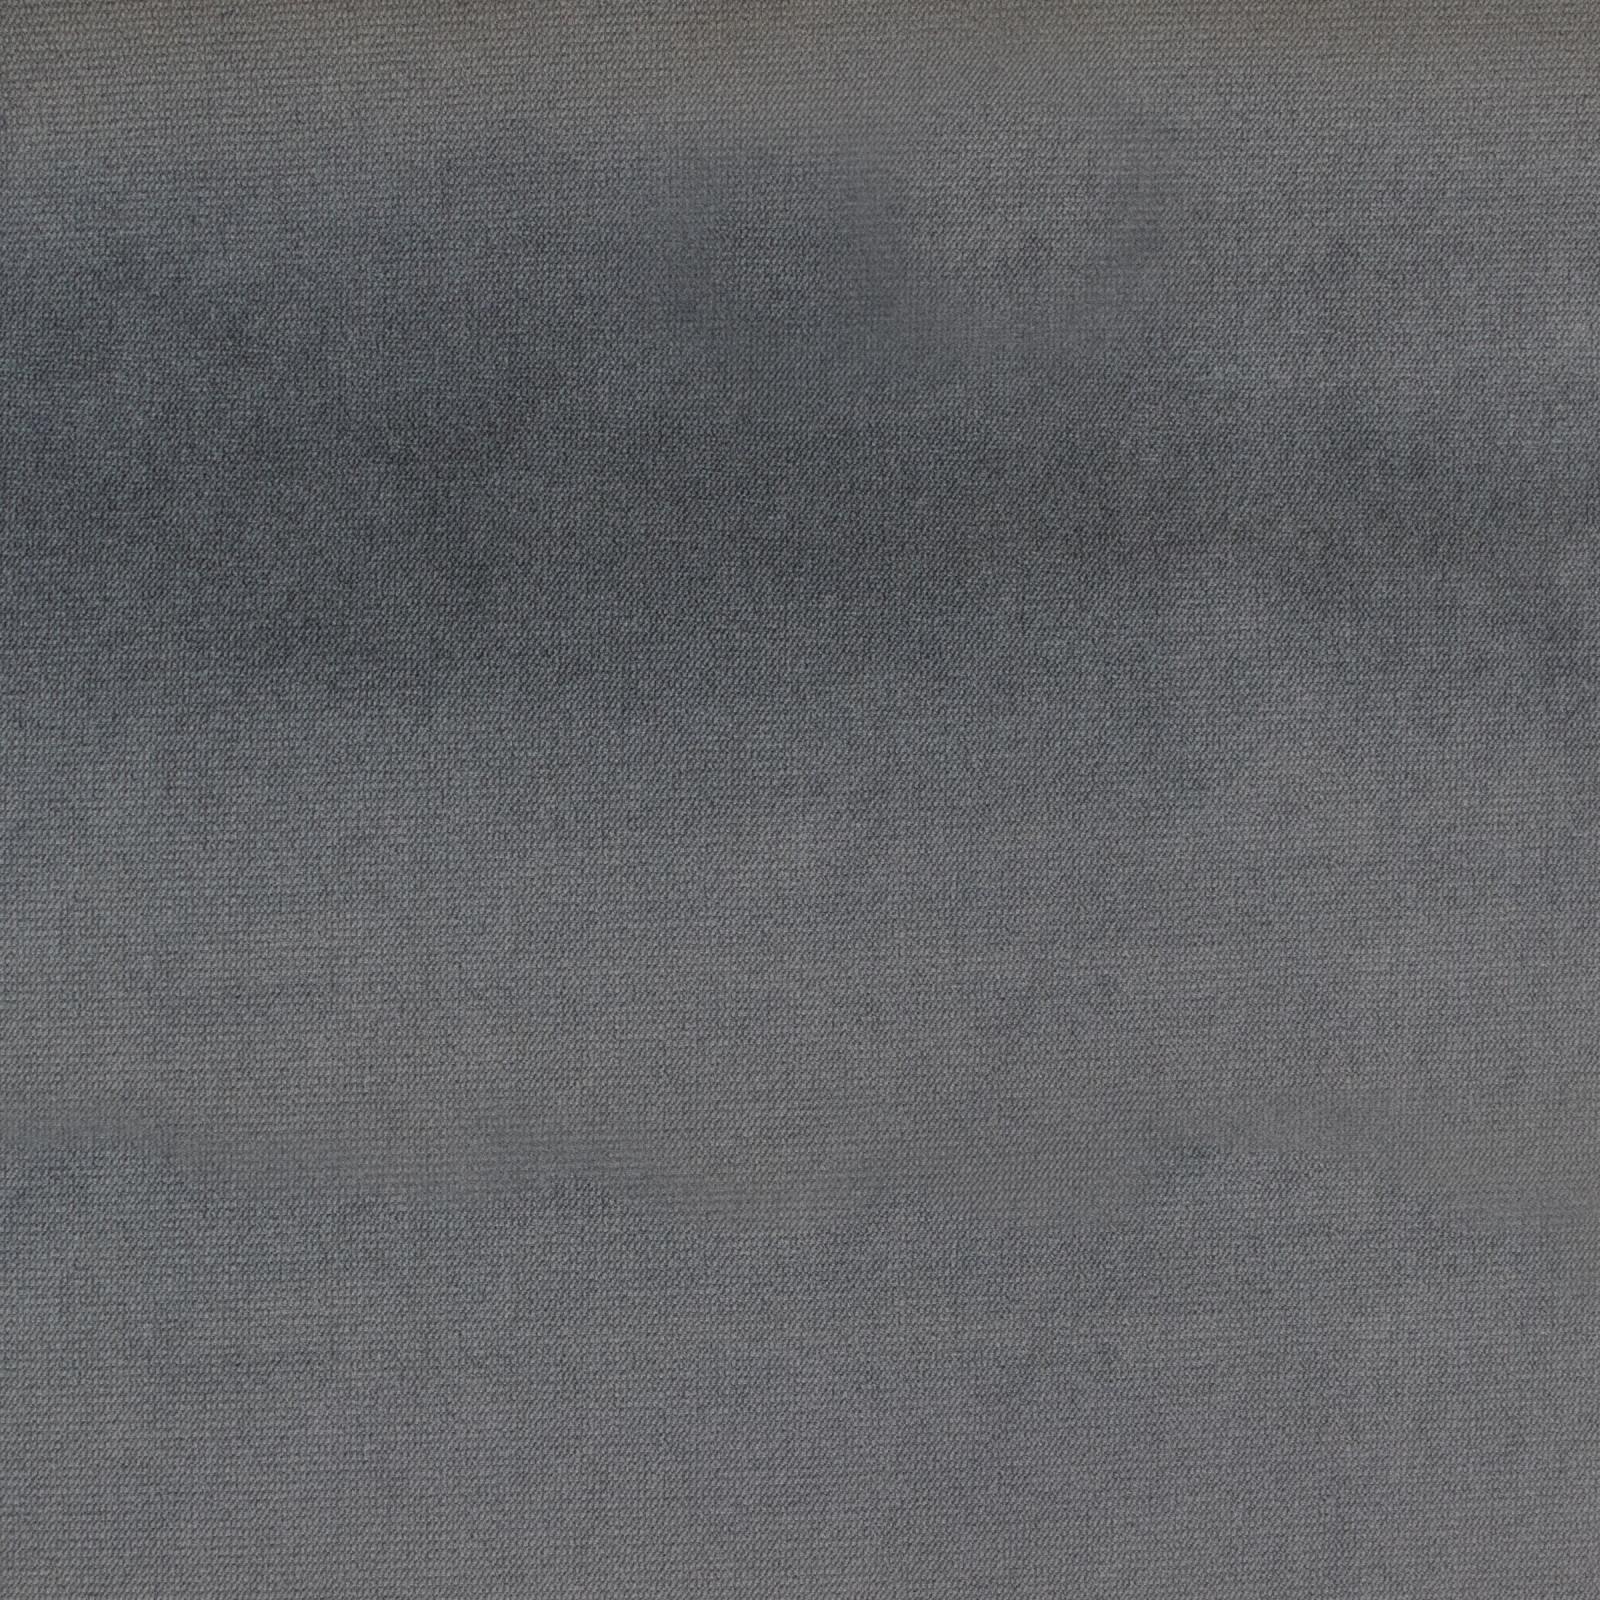 B9466 Charcoal Greenhouse Fabrics